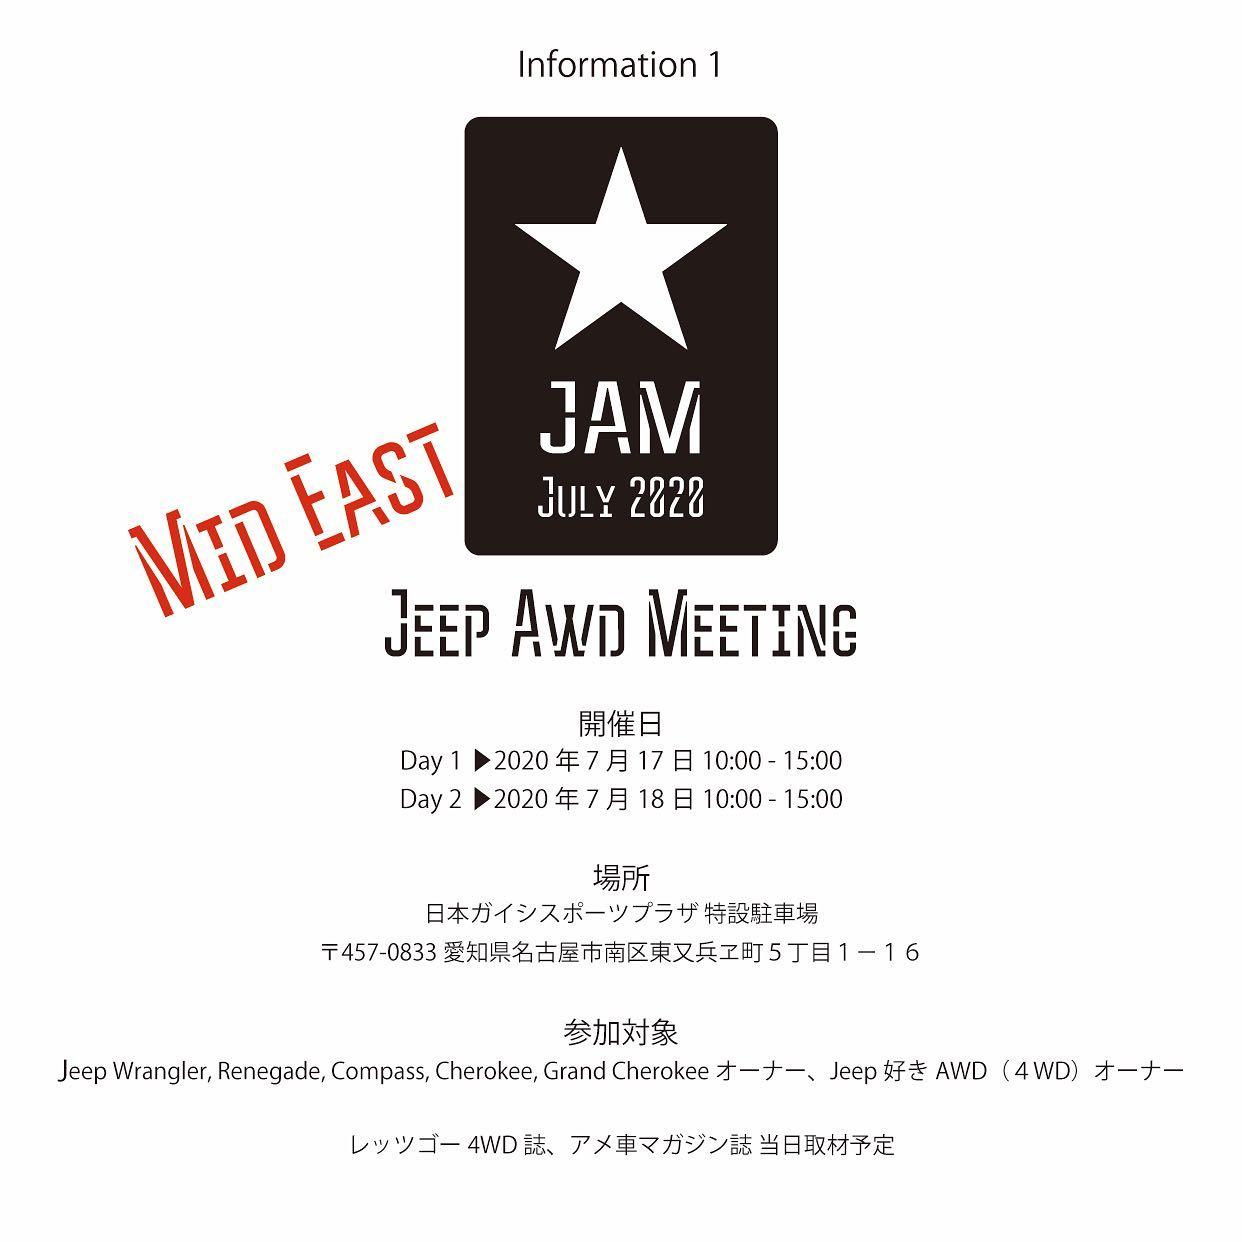 久しぶりなオフ会告知です✩.*˚主催はJeepラングラー JL.JK等で多くのヒット商品を生み出しているJEPPESENブランドのTUSジャパンさん。うちのデモカーJLもちょうどいいタイミングで完成しそうなのでお披露目を兼ねて参加しま~す(◡̈)/ 7月17日(金)  18日(土)場所は 愛知県名古屋市にある 日本ガイシスポーツプラザ 特設駐車場となります。お時間取れそうな方は是非お気軽に足を運んでみてくださいね (◡̈)/ ・・#Jeep #ラングラー #jl #elford #jeppesen #ジープ #wrangle #4wd #unlimited #アンリミテッド #sahara #サハラ #rubicon #launchedition #エルフォード #ルビコン #ブラッドストック